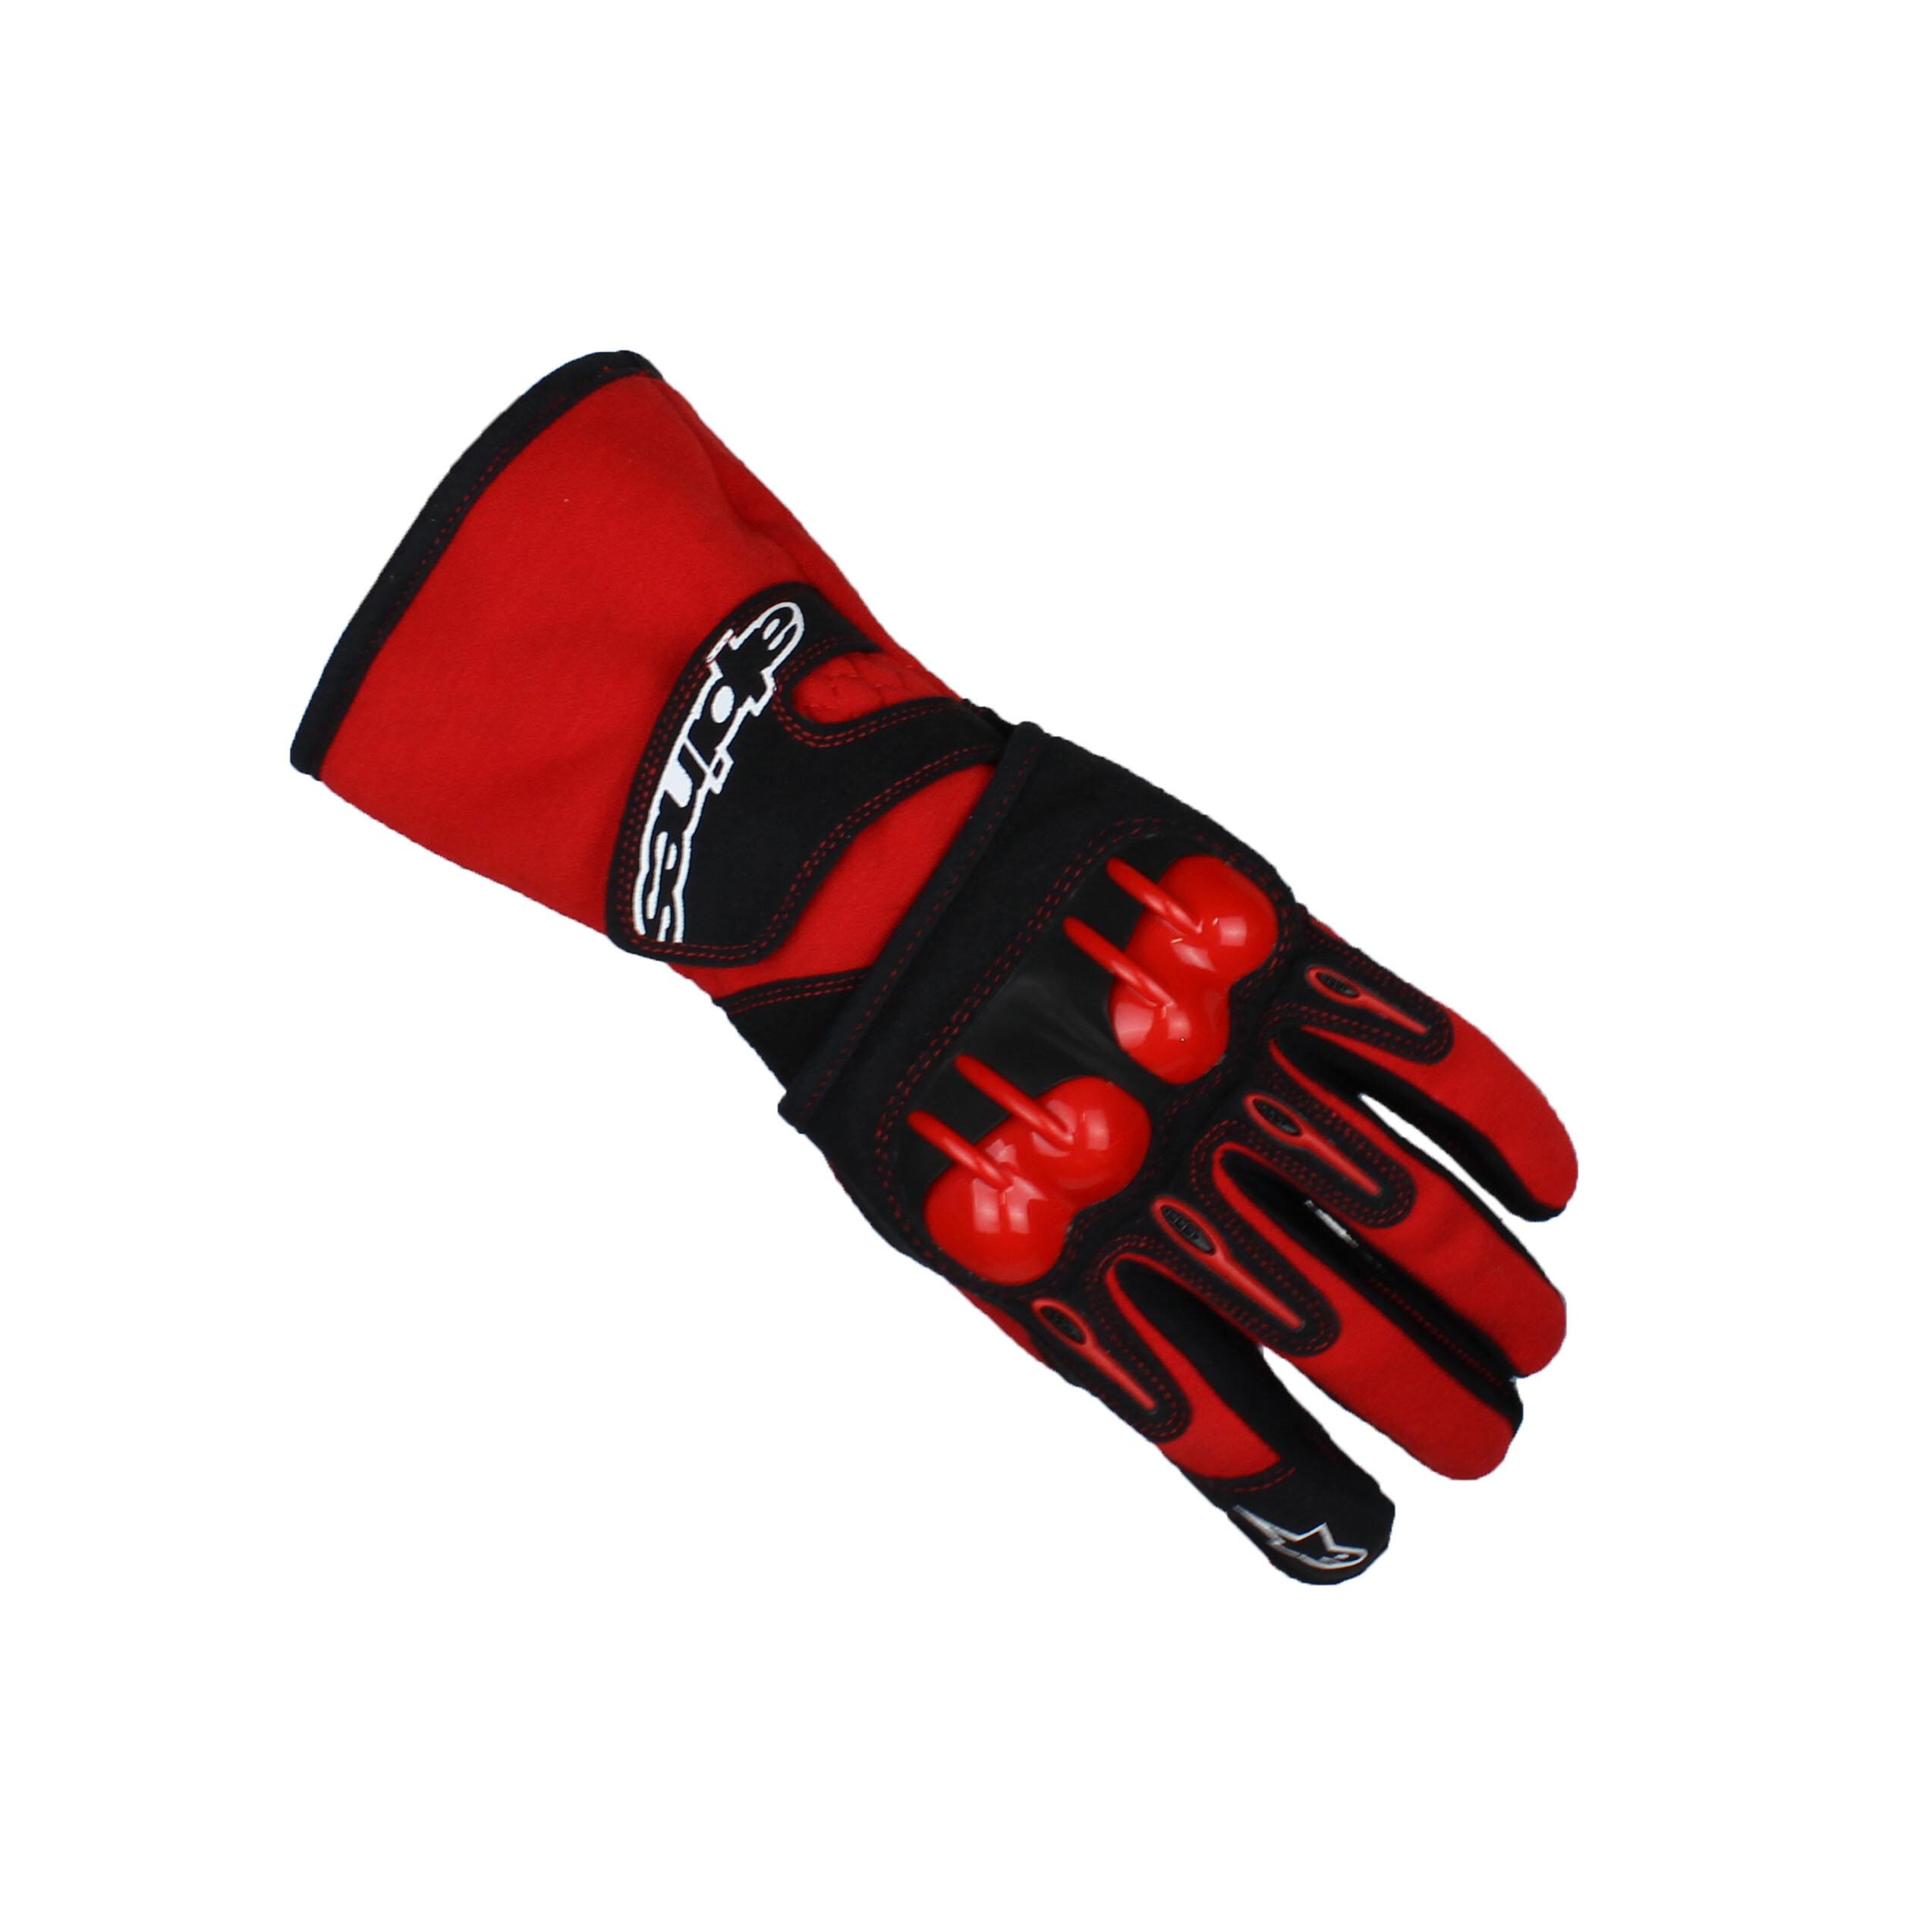 Alpinestars TECH 1-KV Karting Gloves Red/Black